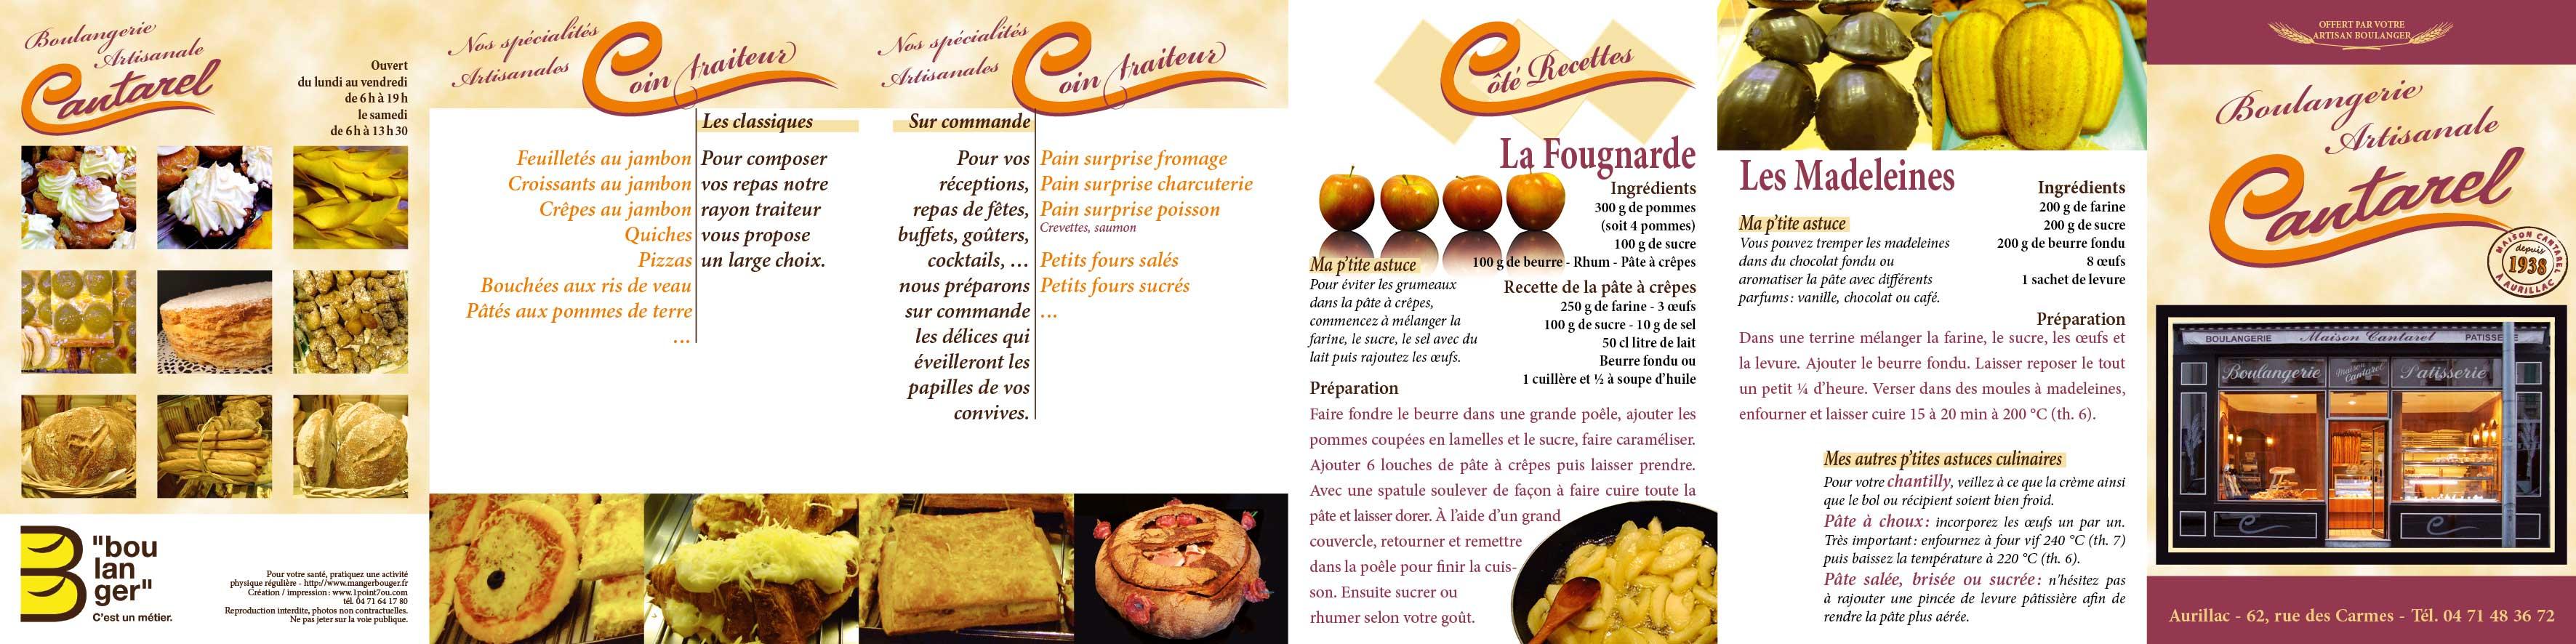 | Boulangerie Cantarel - Aurillac | Dépliant 12 pages | Format Ouvert: 60x15 cm